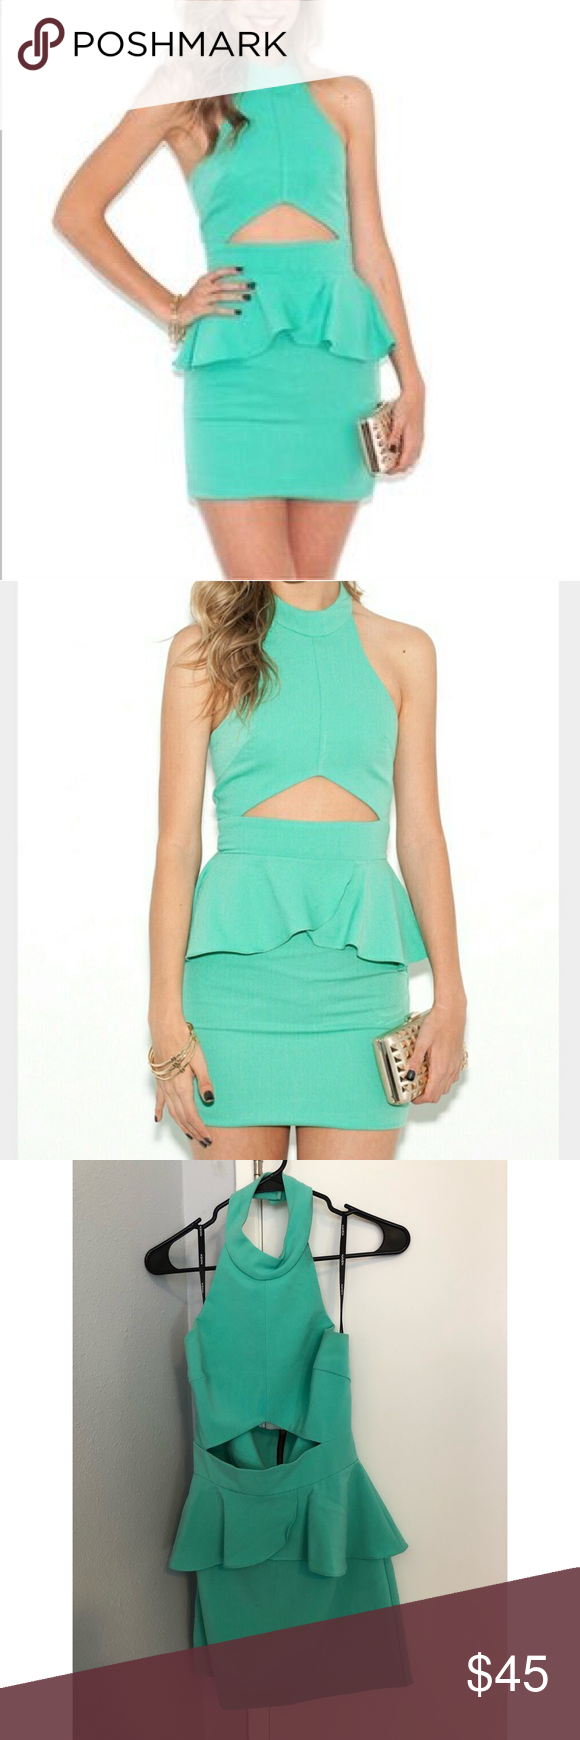 Naven Peplum Cut Out Dress | Mint green dress, Mint green and Detail